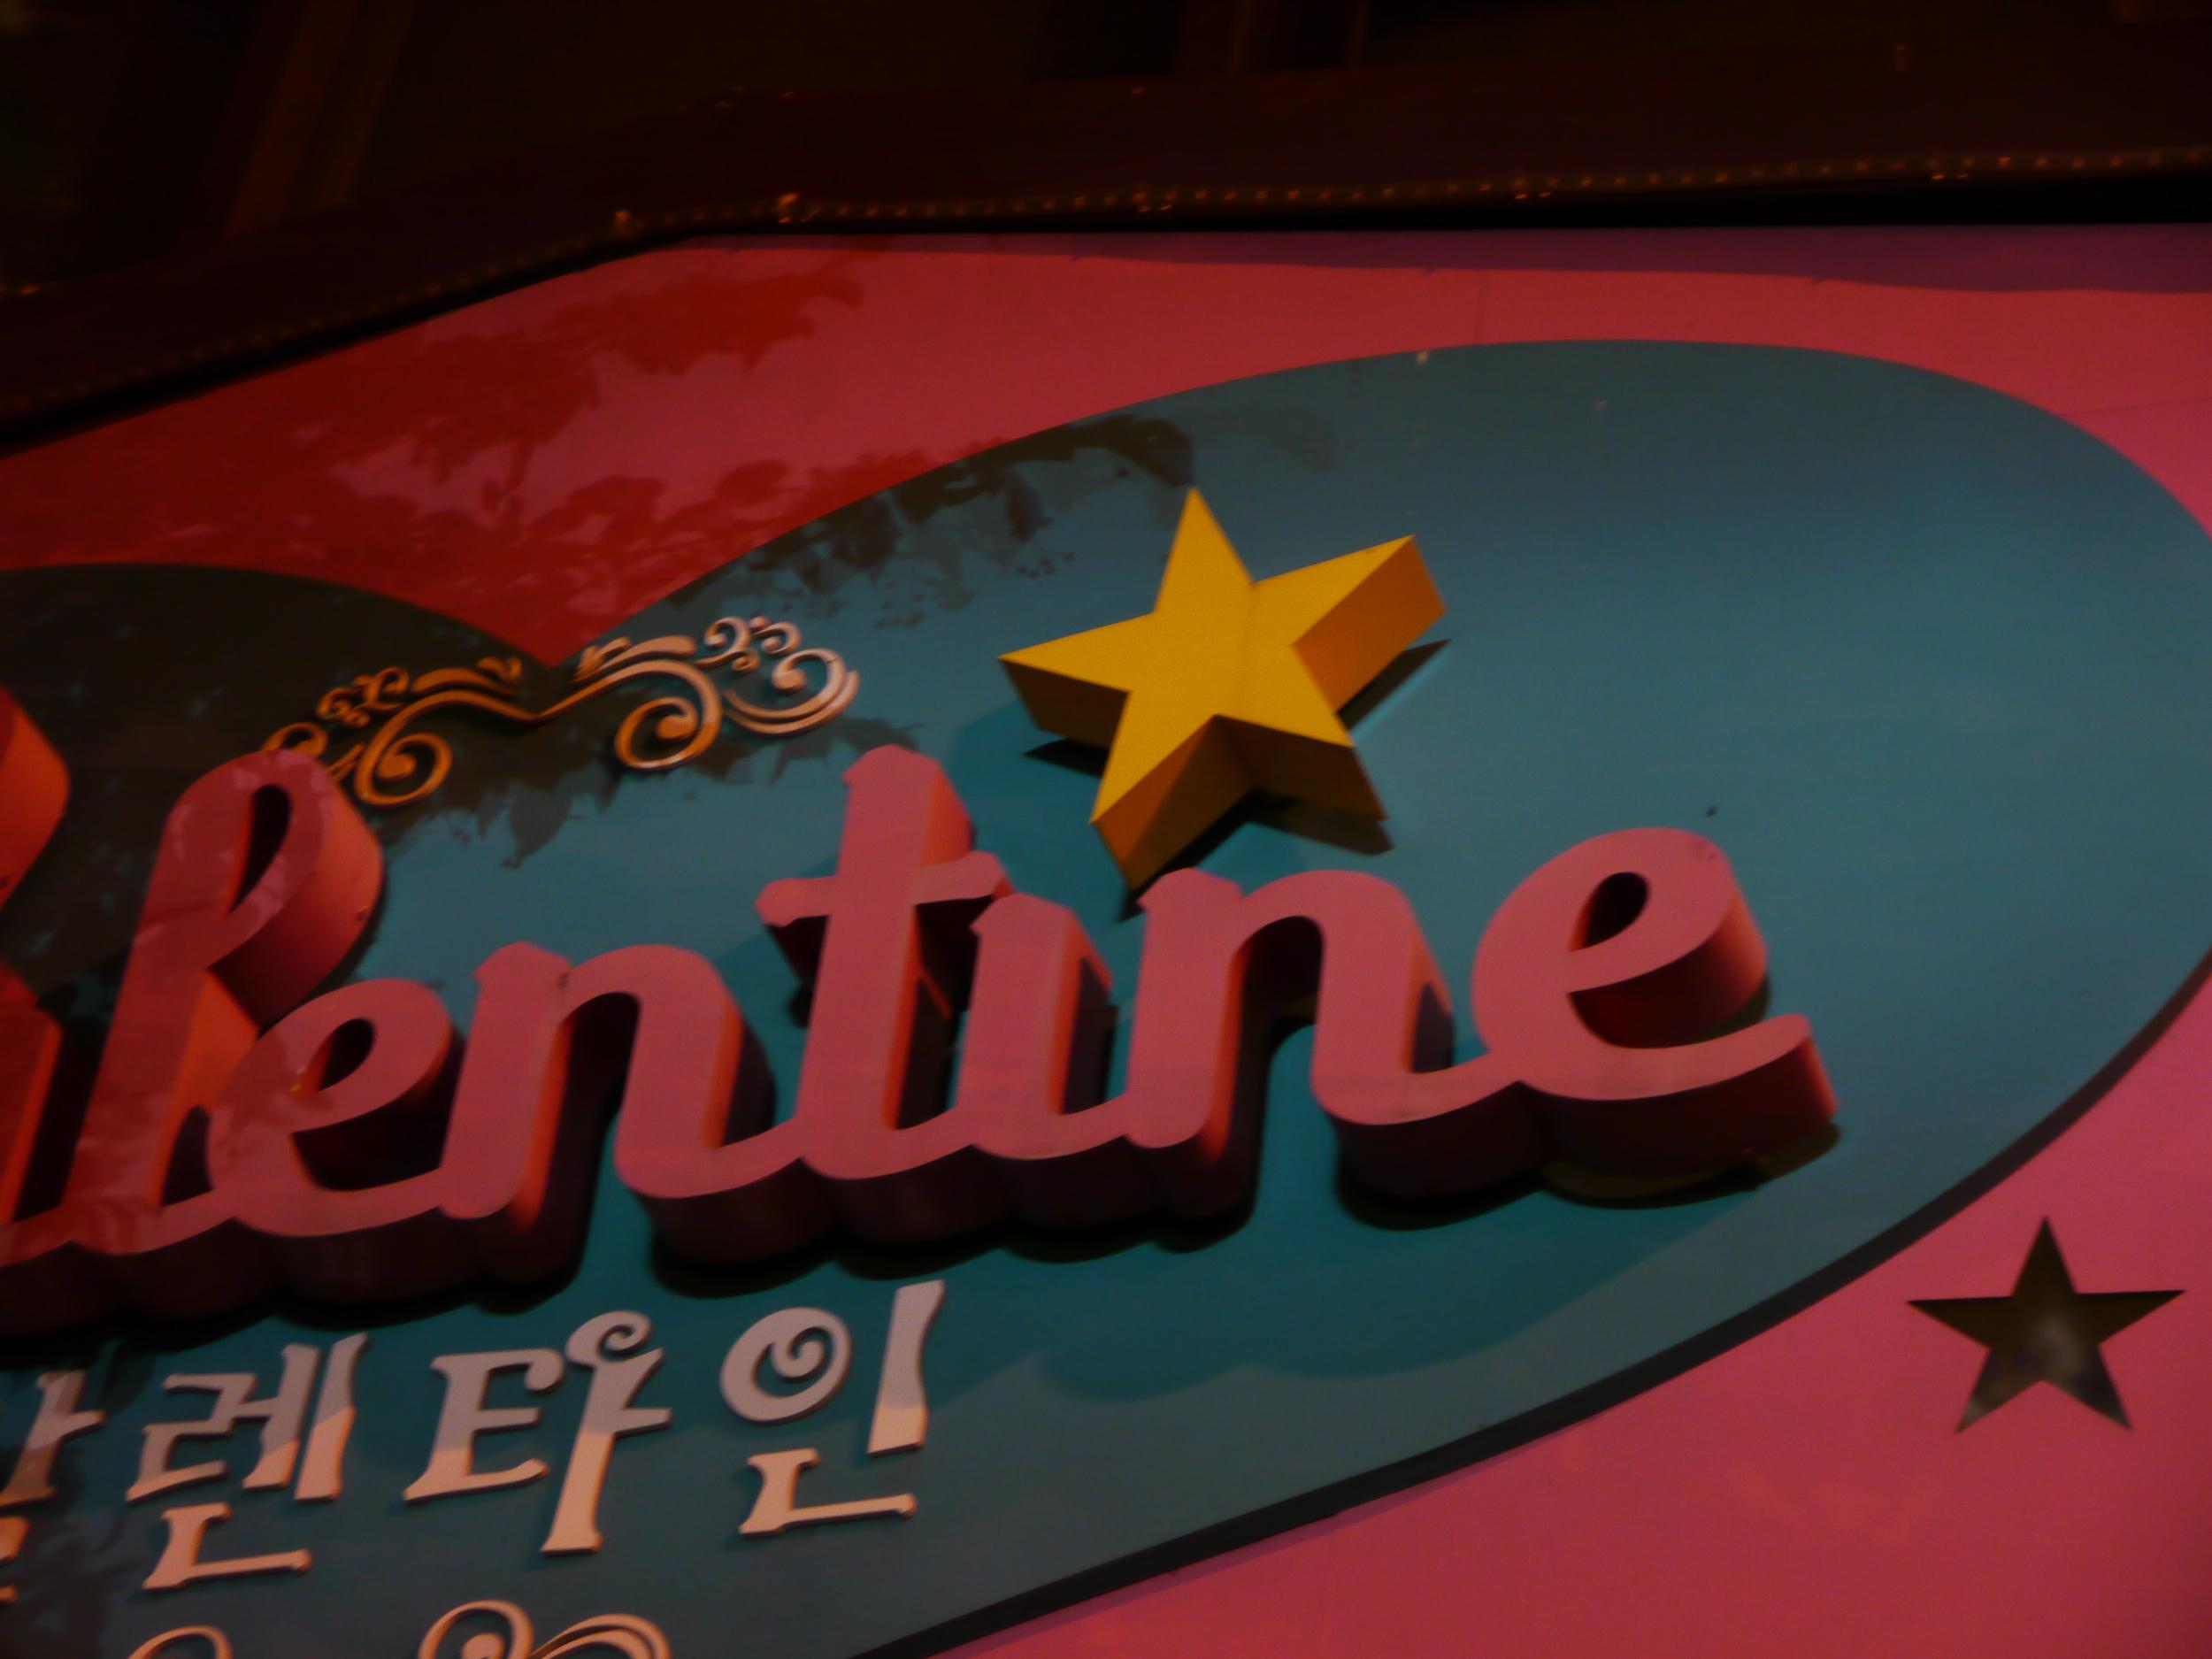 stars part valentine sign.JPG